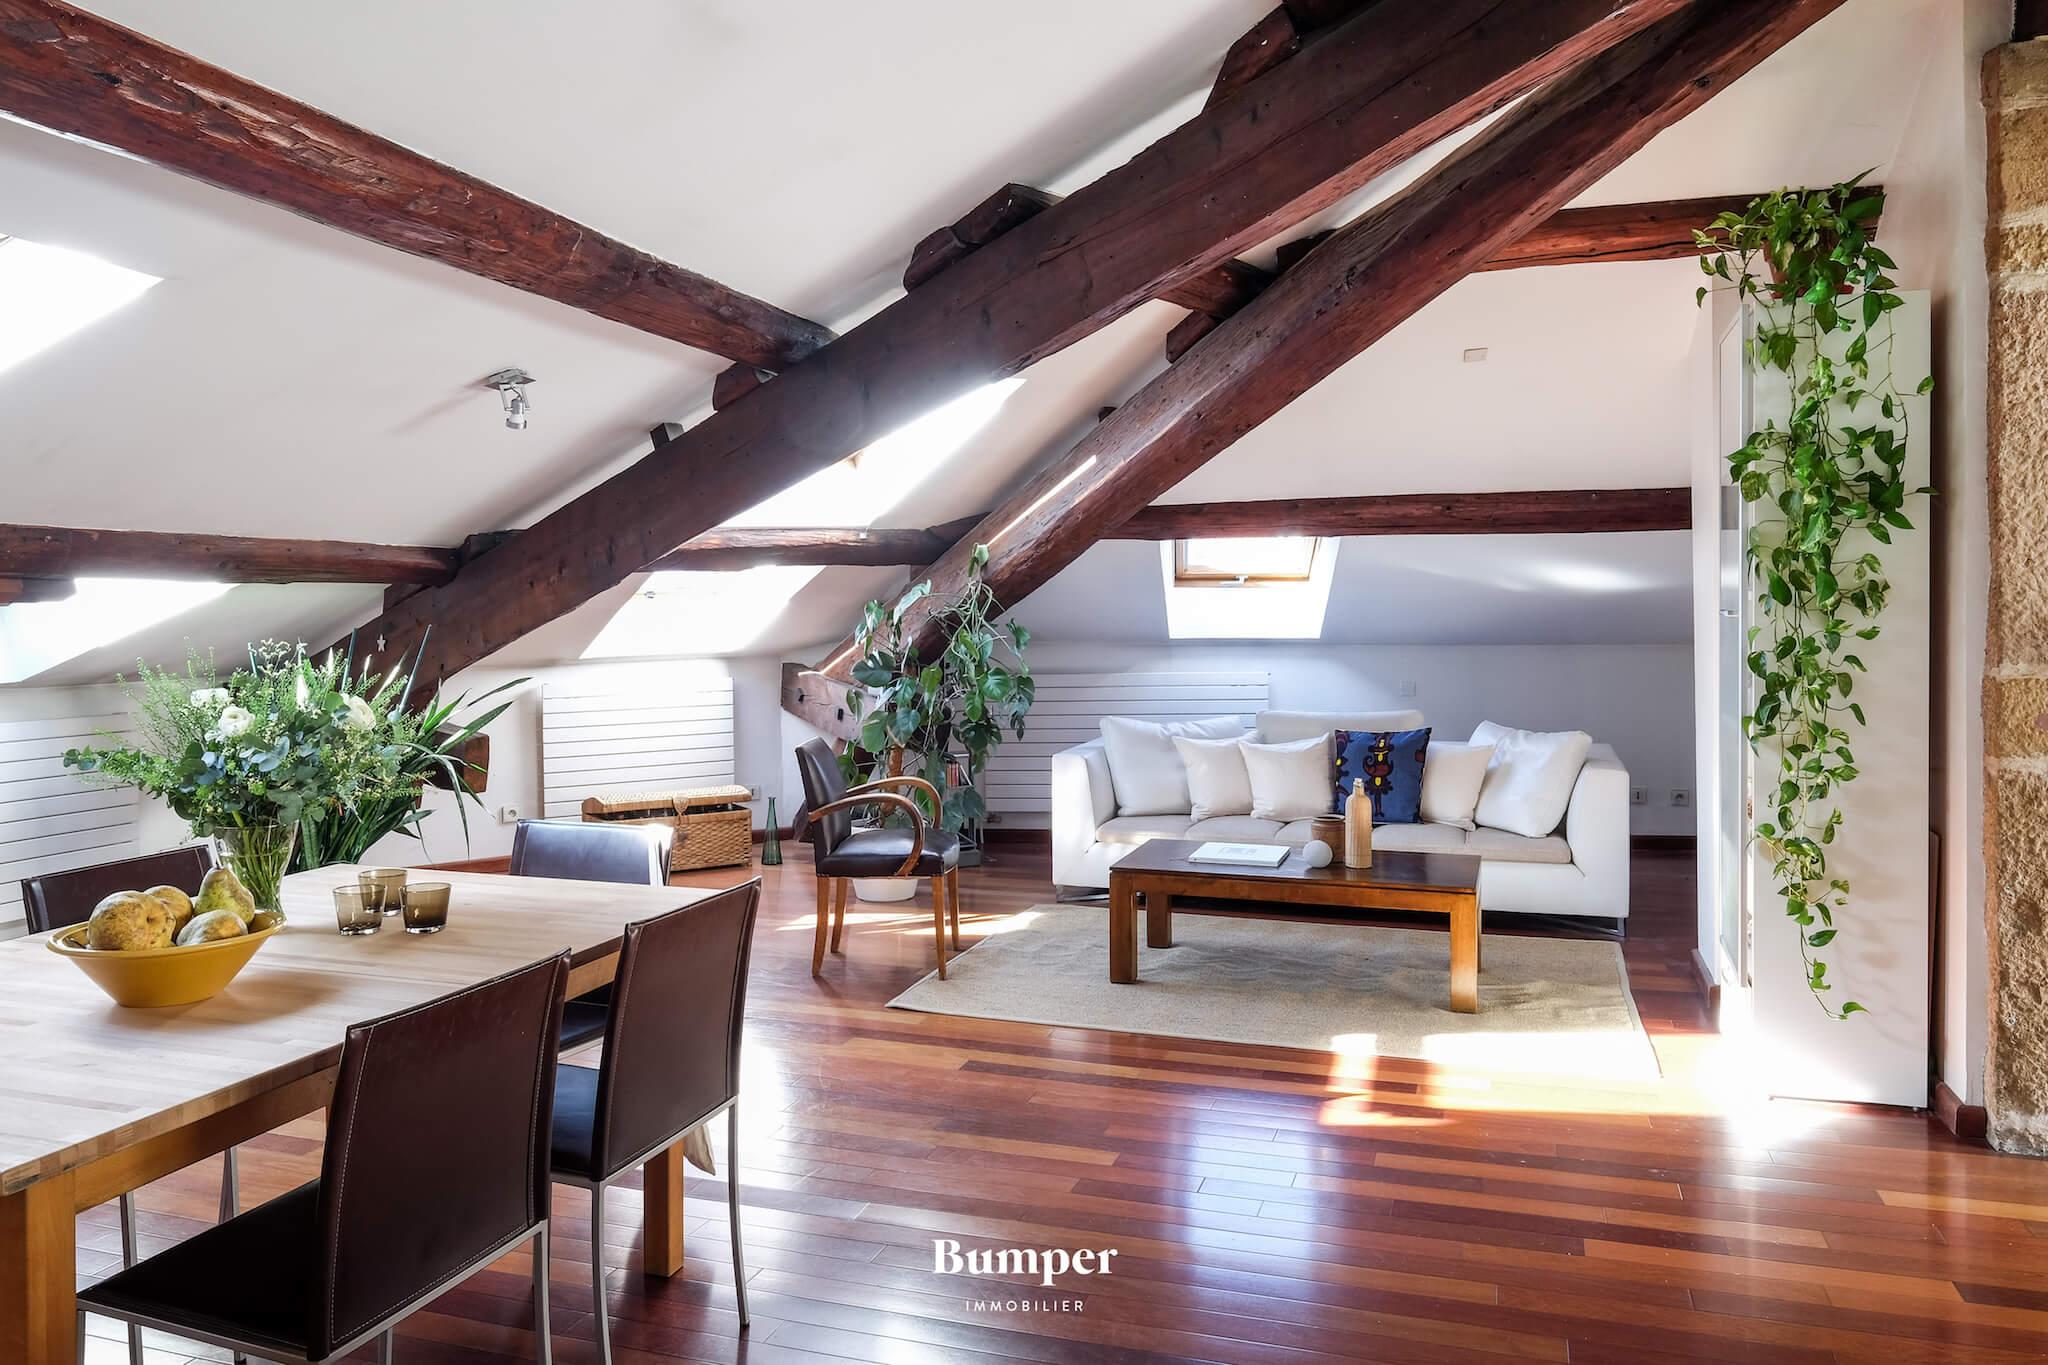 bumper-immobilier-appartement-vente-achat-investir-pret-courtier-lyon-rhone-terrasse-6900310.jpg